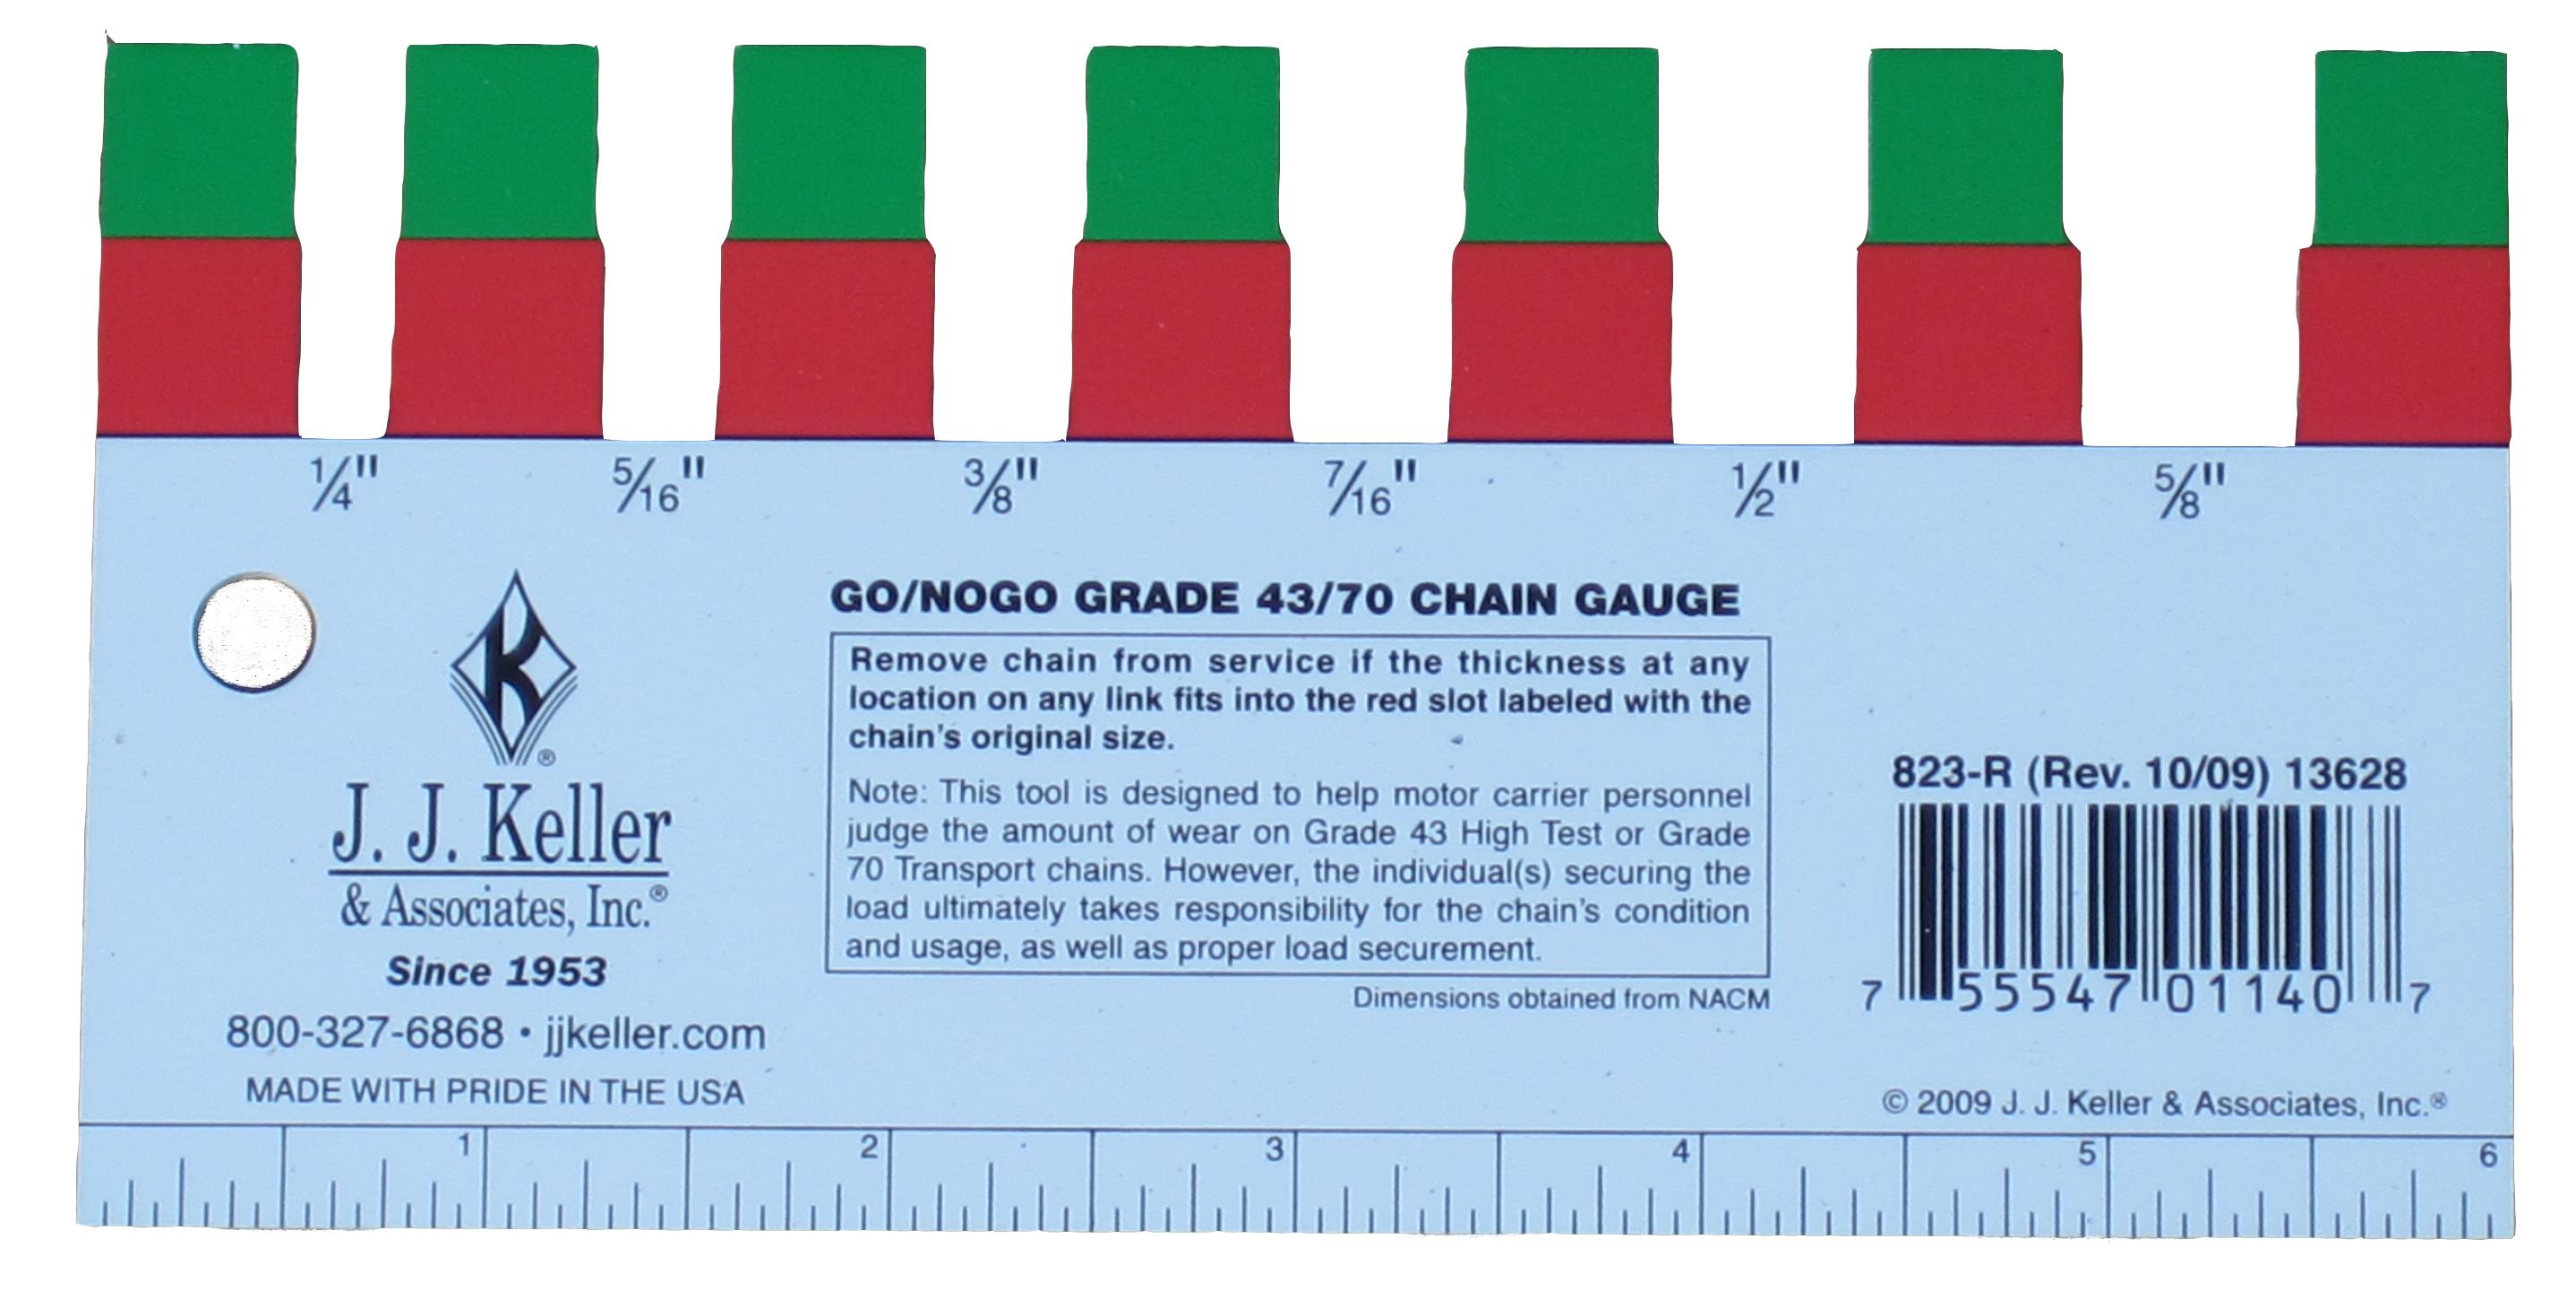 Grade 43/70 Chain Gauge